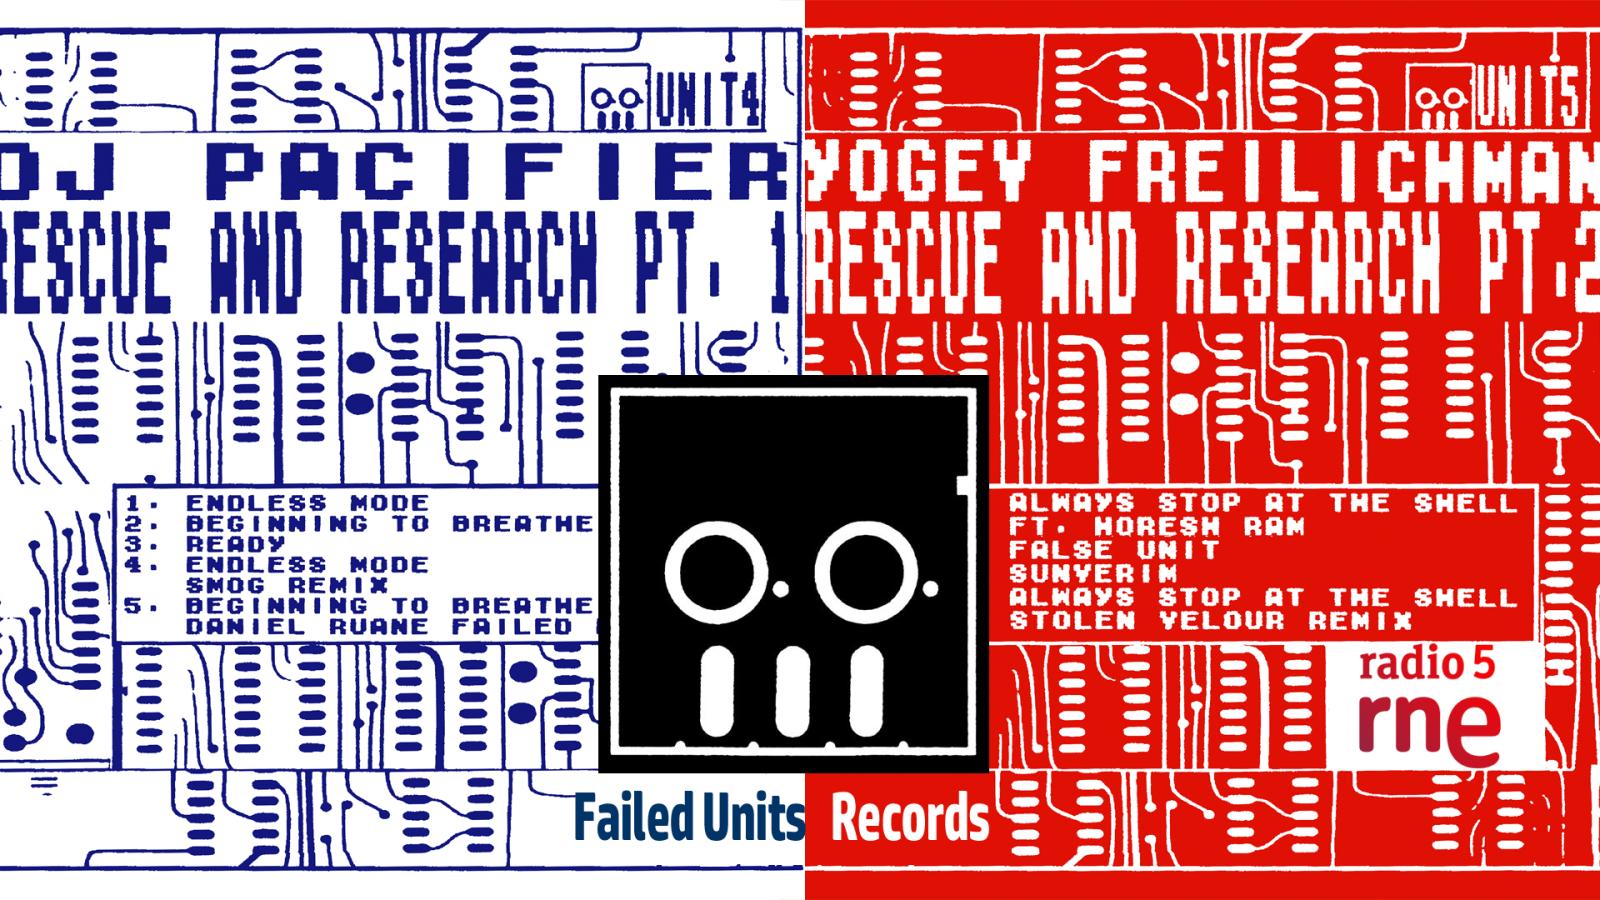 Guía electrónica de bolsillo - Archivos Olvidados 2.9 (Failed Units) - 04/09/20 - Escuchar ahora